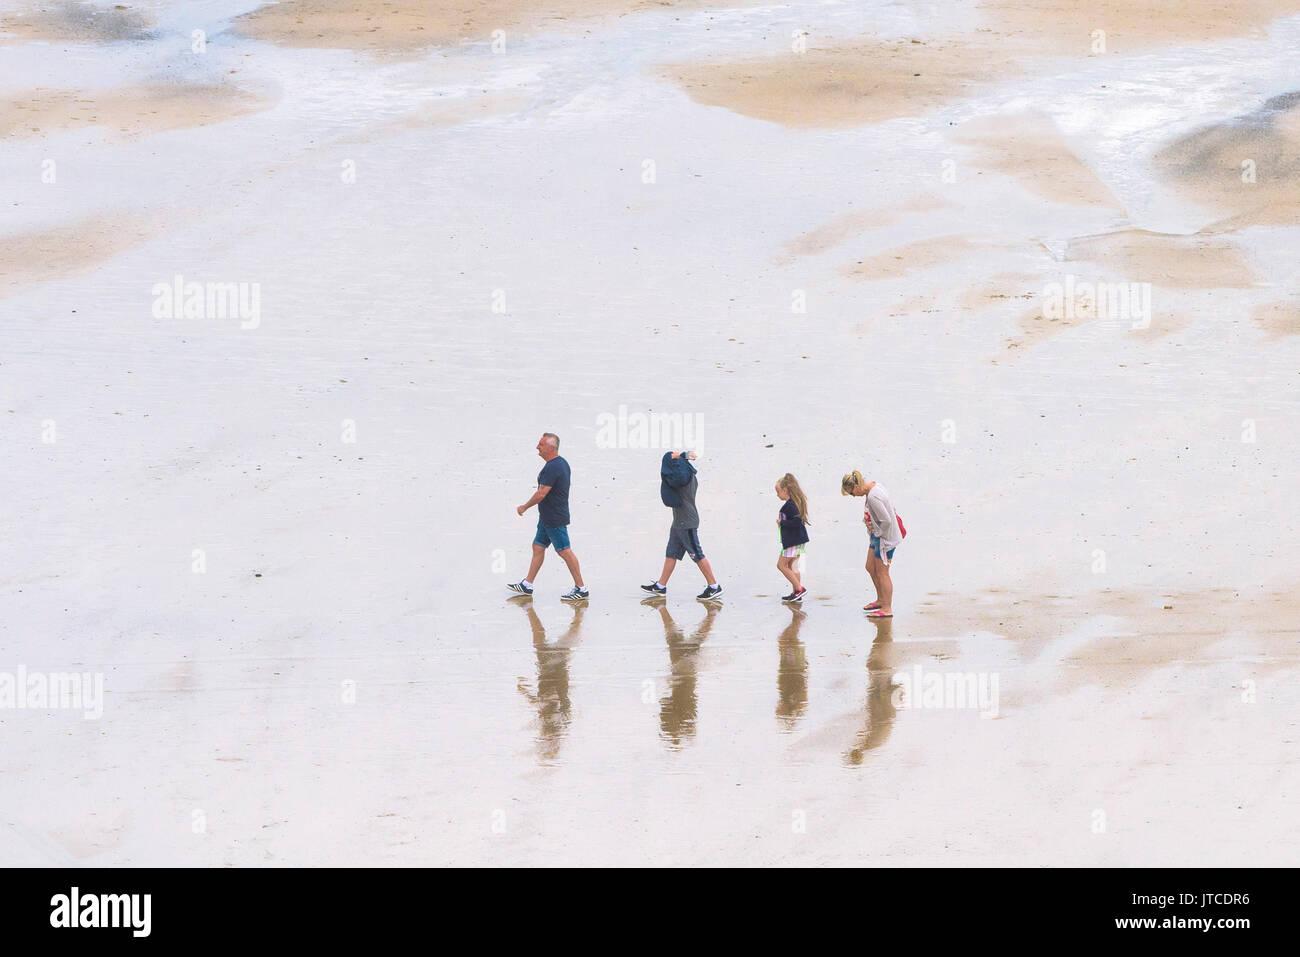 Una famiglia di turisti a piedi in unico file su una spiaggia in Newquay, Cornwall. Immagini Stock